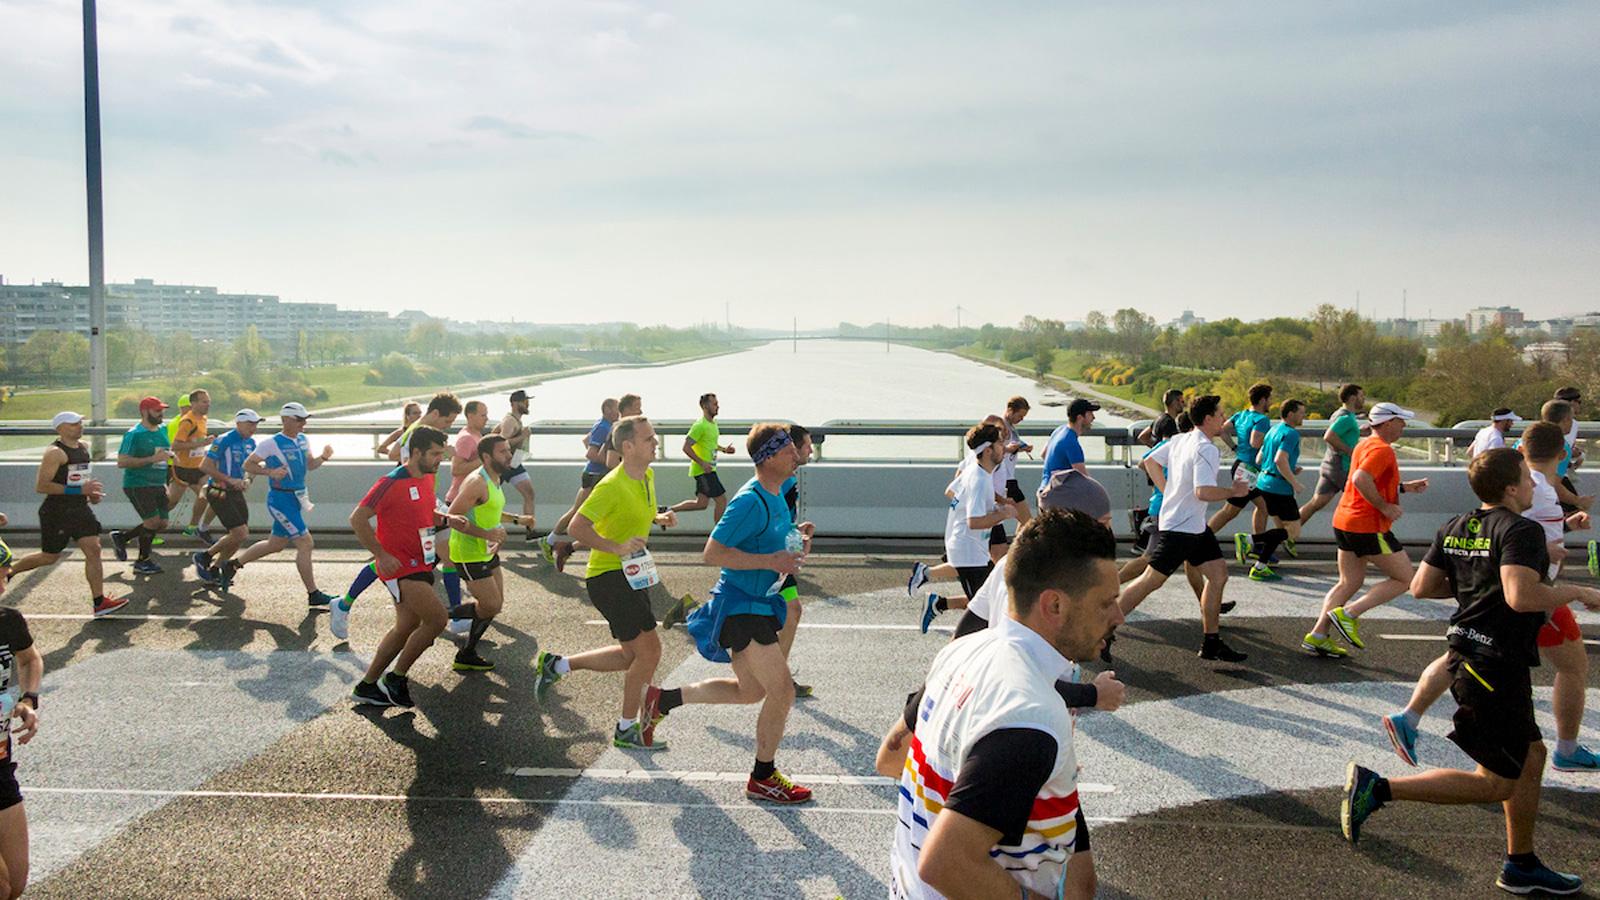 Marathonläufe gehören für eine Metropole zum guten Ton: Vienna City Marathon,